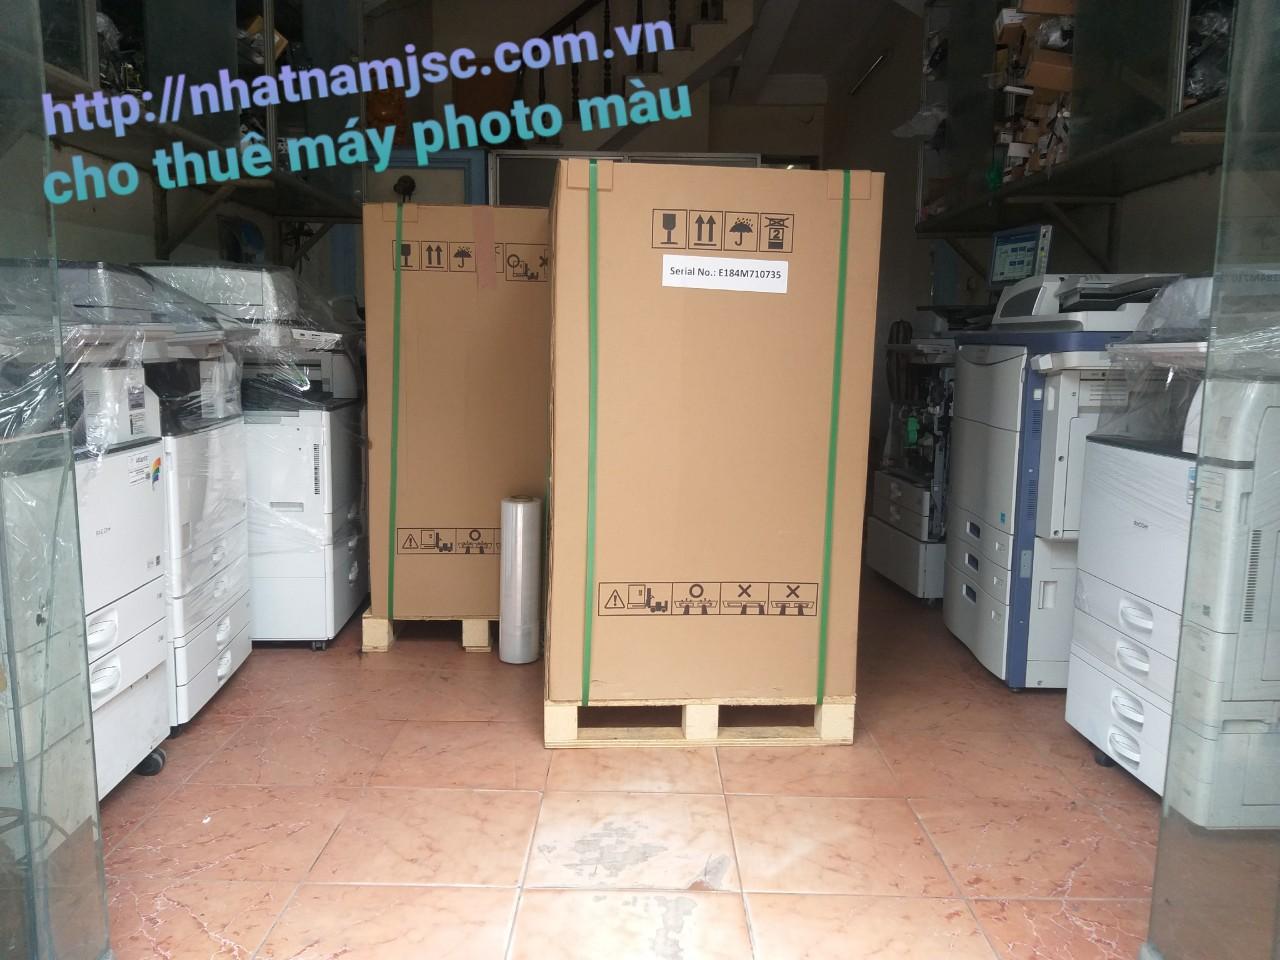 cho thue may photocopy van phong tai Ha Noi